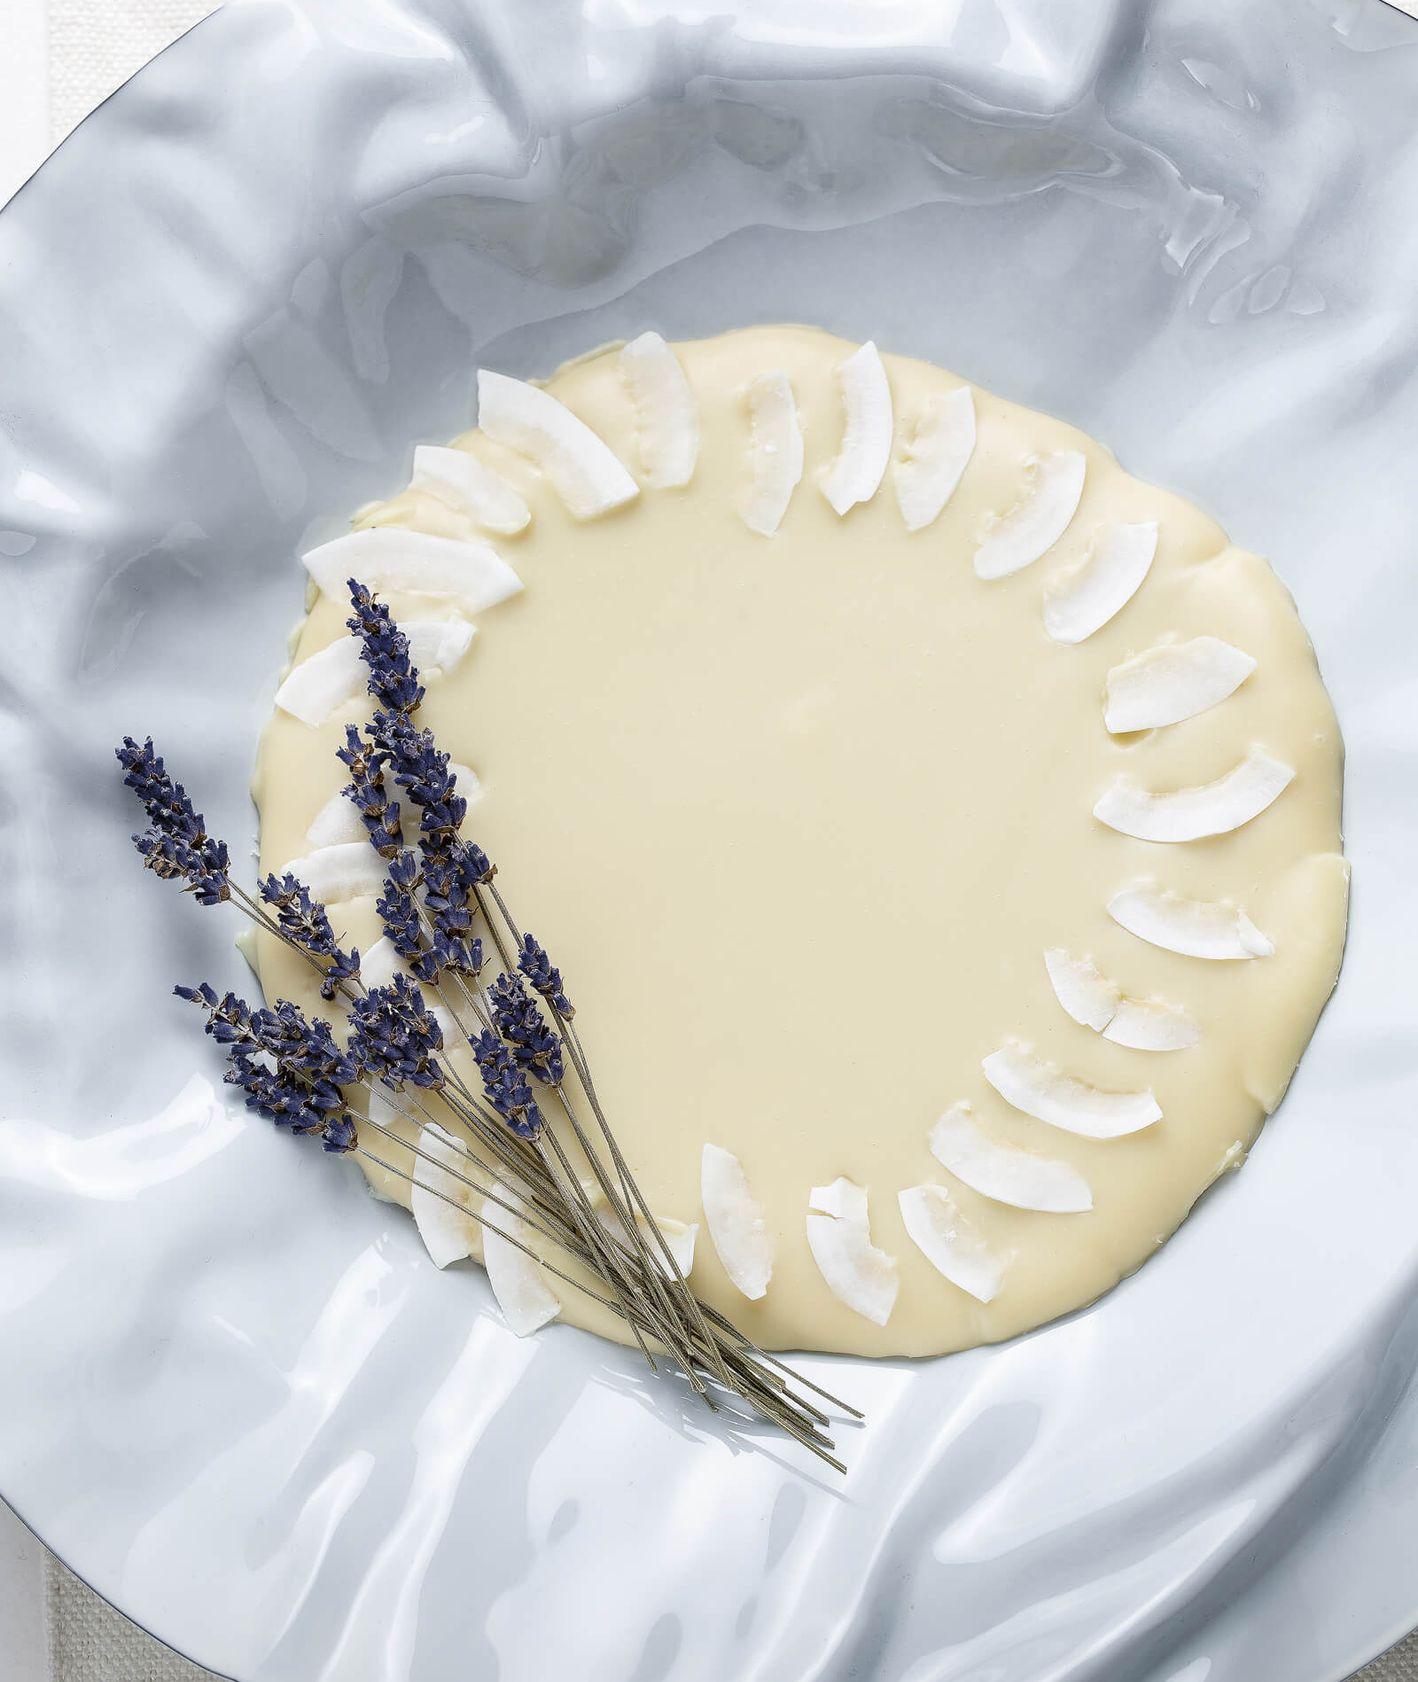 Mazurek lawendowy oblany białą czekoladą i ozdobiony lawendą